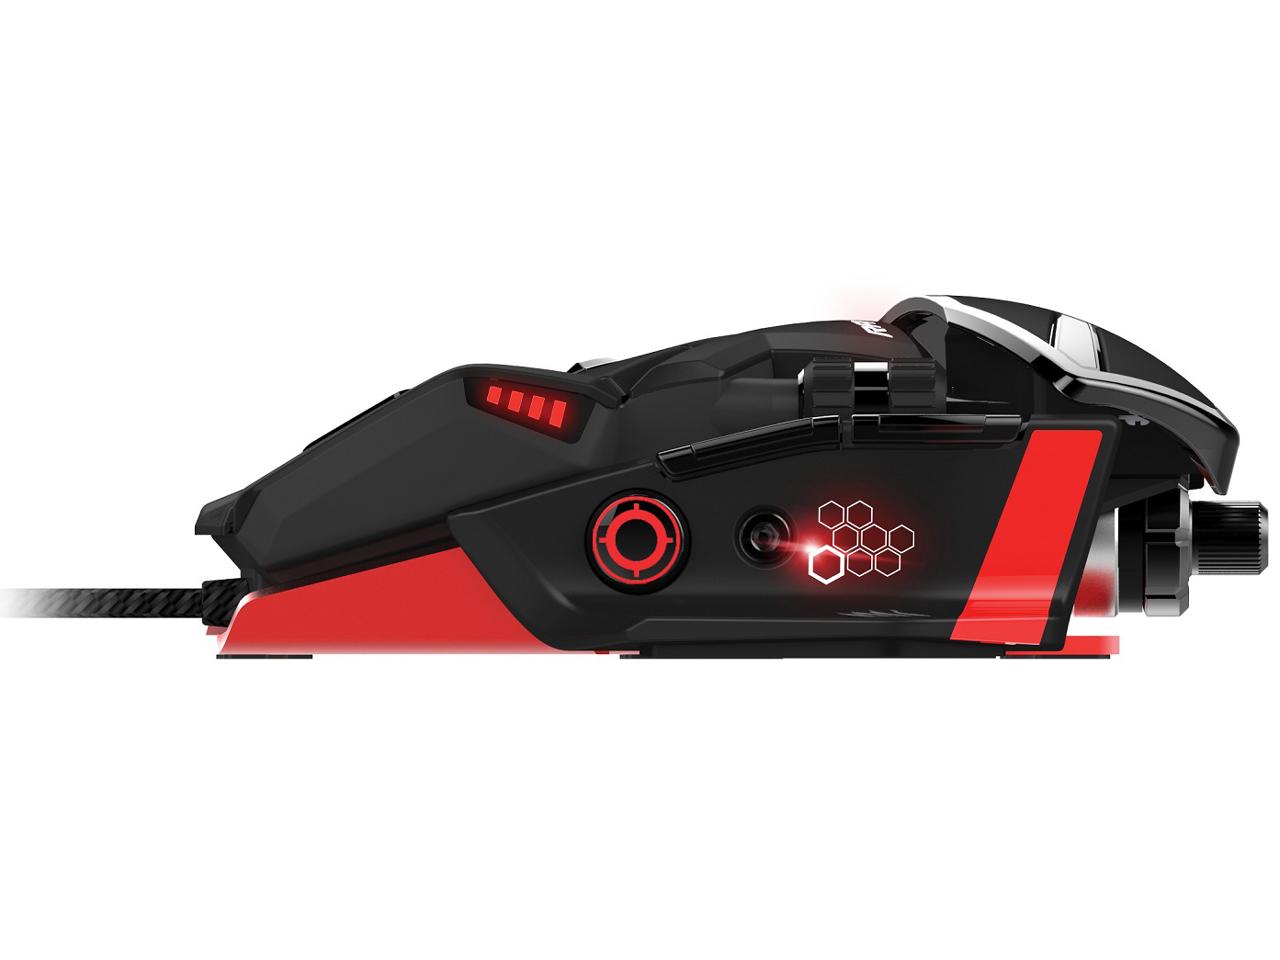 『本体 側面1』 RAT 6 Laser Gaming Mouse MCB43732J0A3 の製品画像